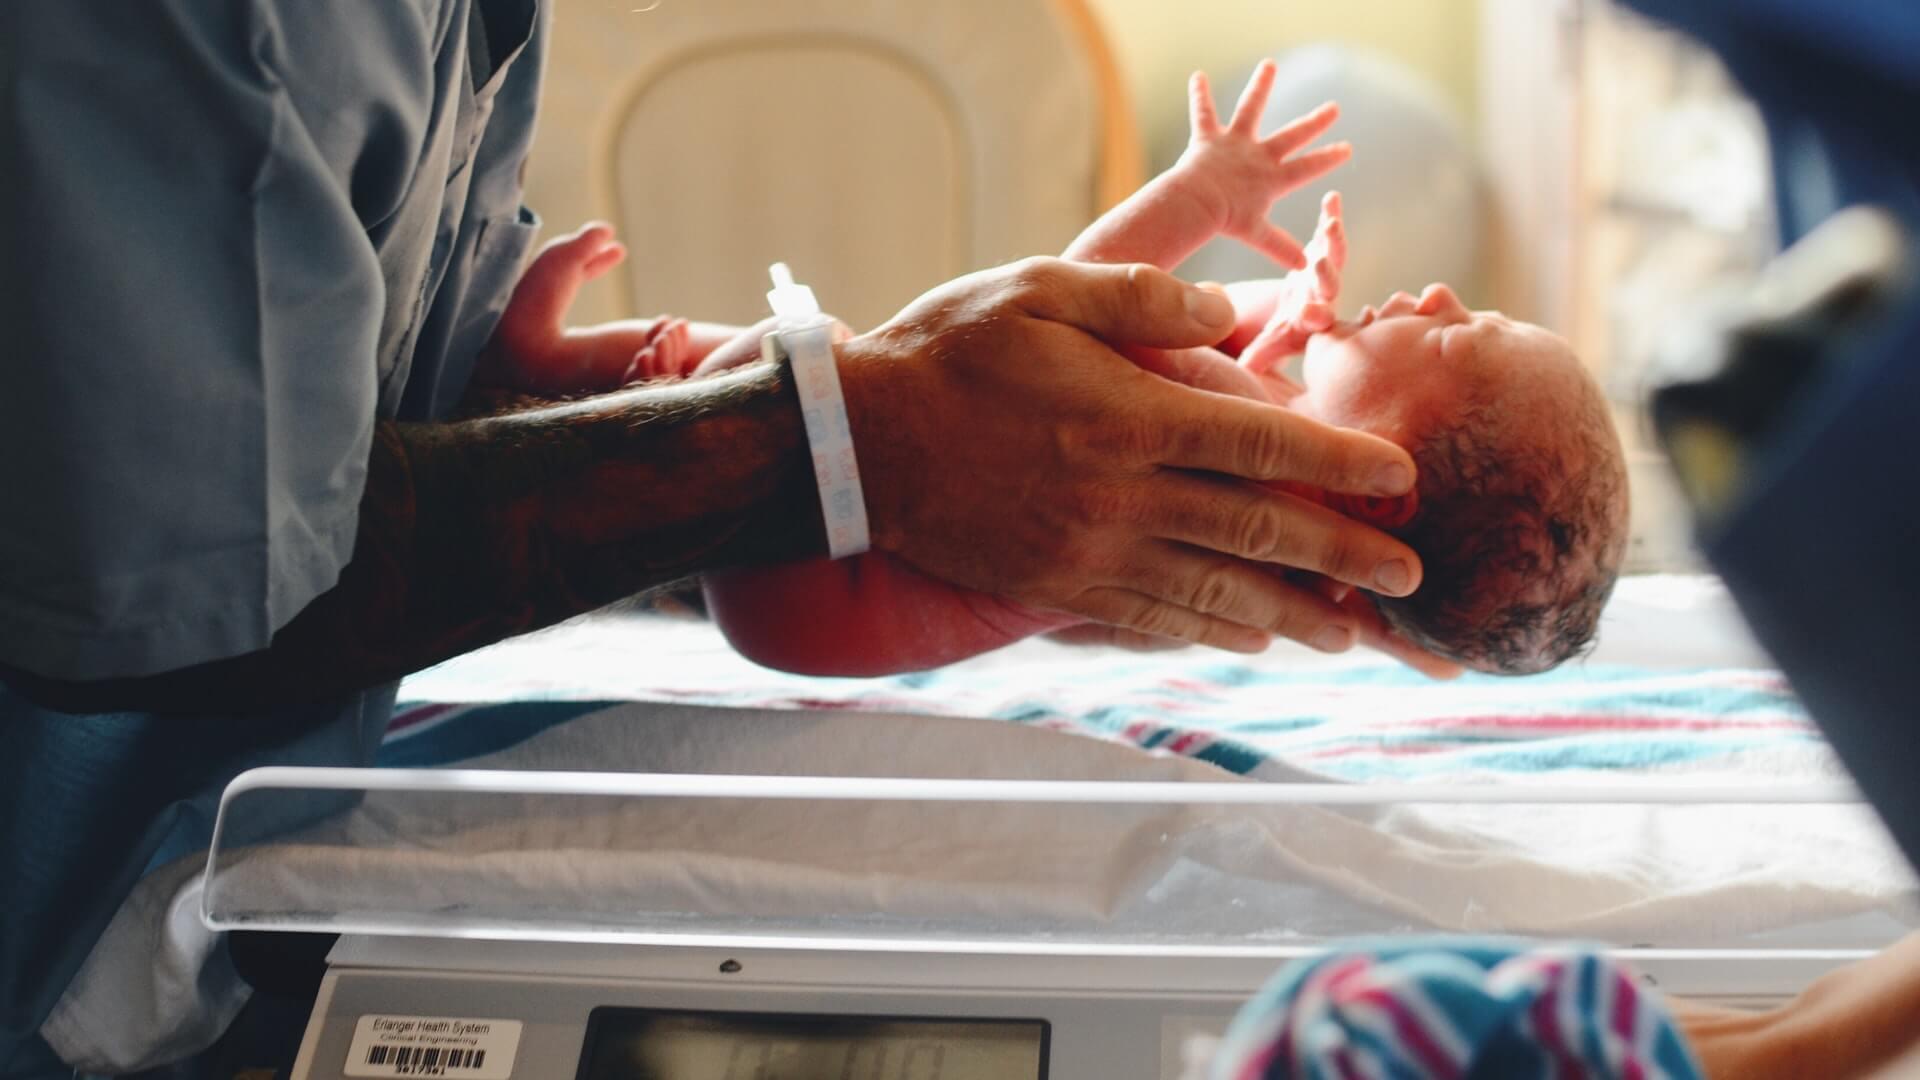 Qué  debe cumplir el hospital del parto